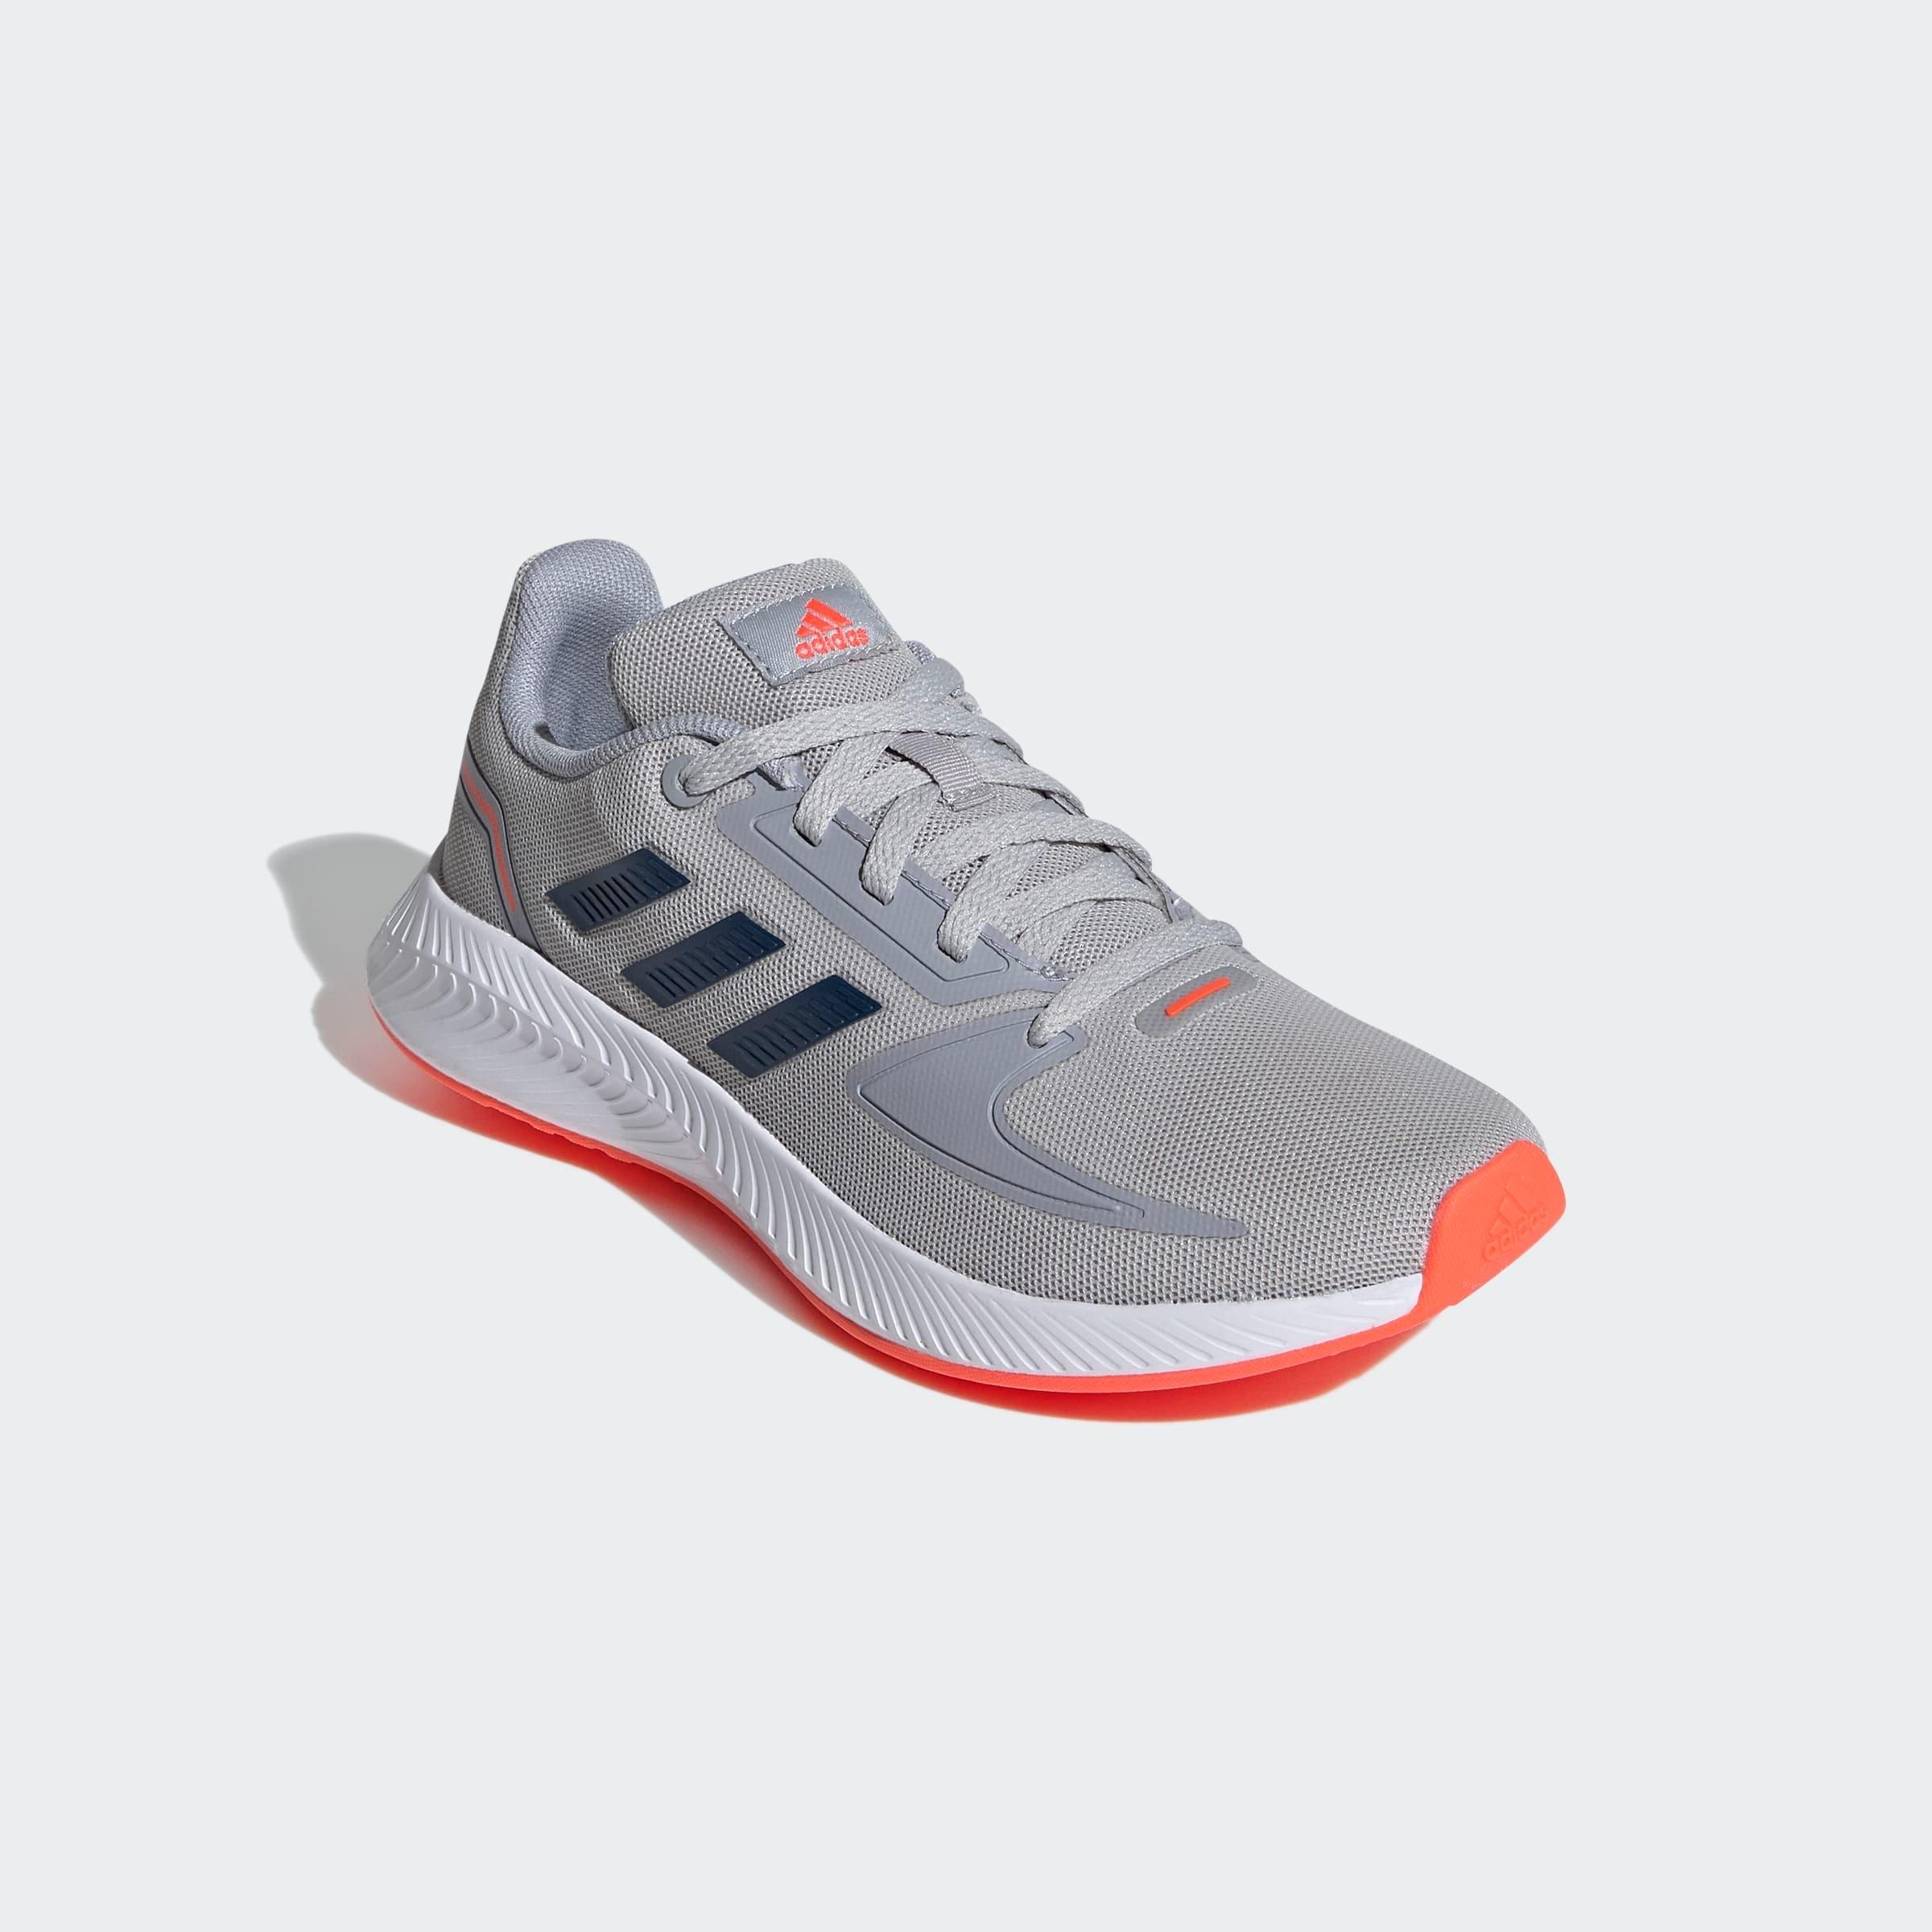 adidas Performance runningschoenen RUNFALCON 2.0 voordelig en veilig online kopen